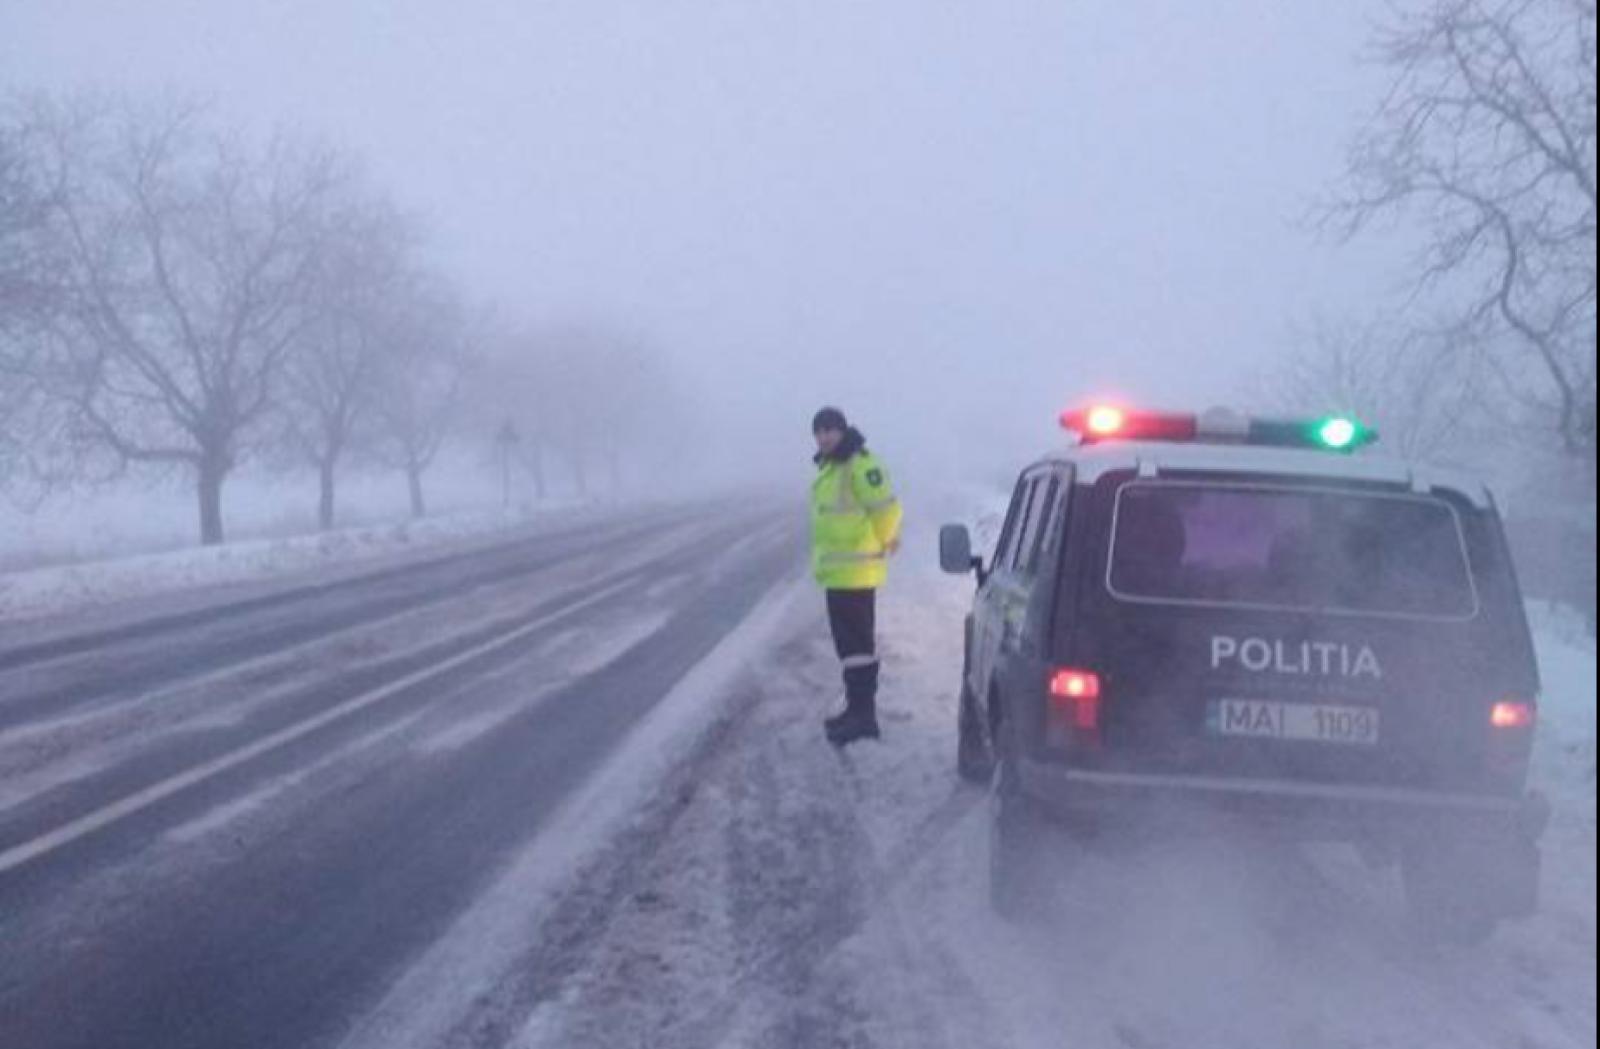 Ceață densă peste toată țara. Șoferii sunt îndemnați să evite călătoriile lungi